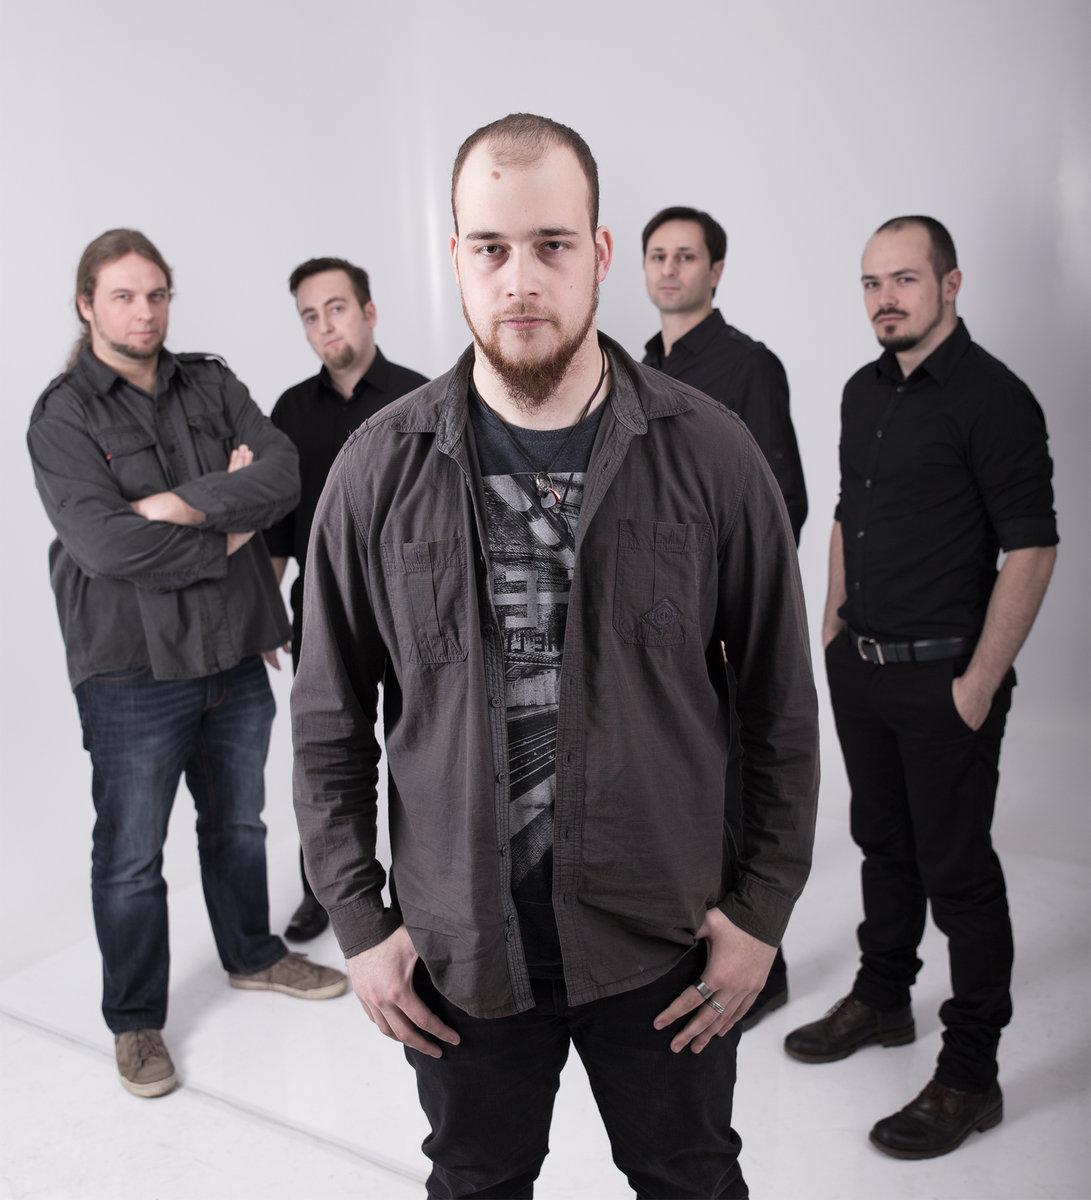 asymmetry-band